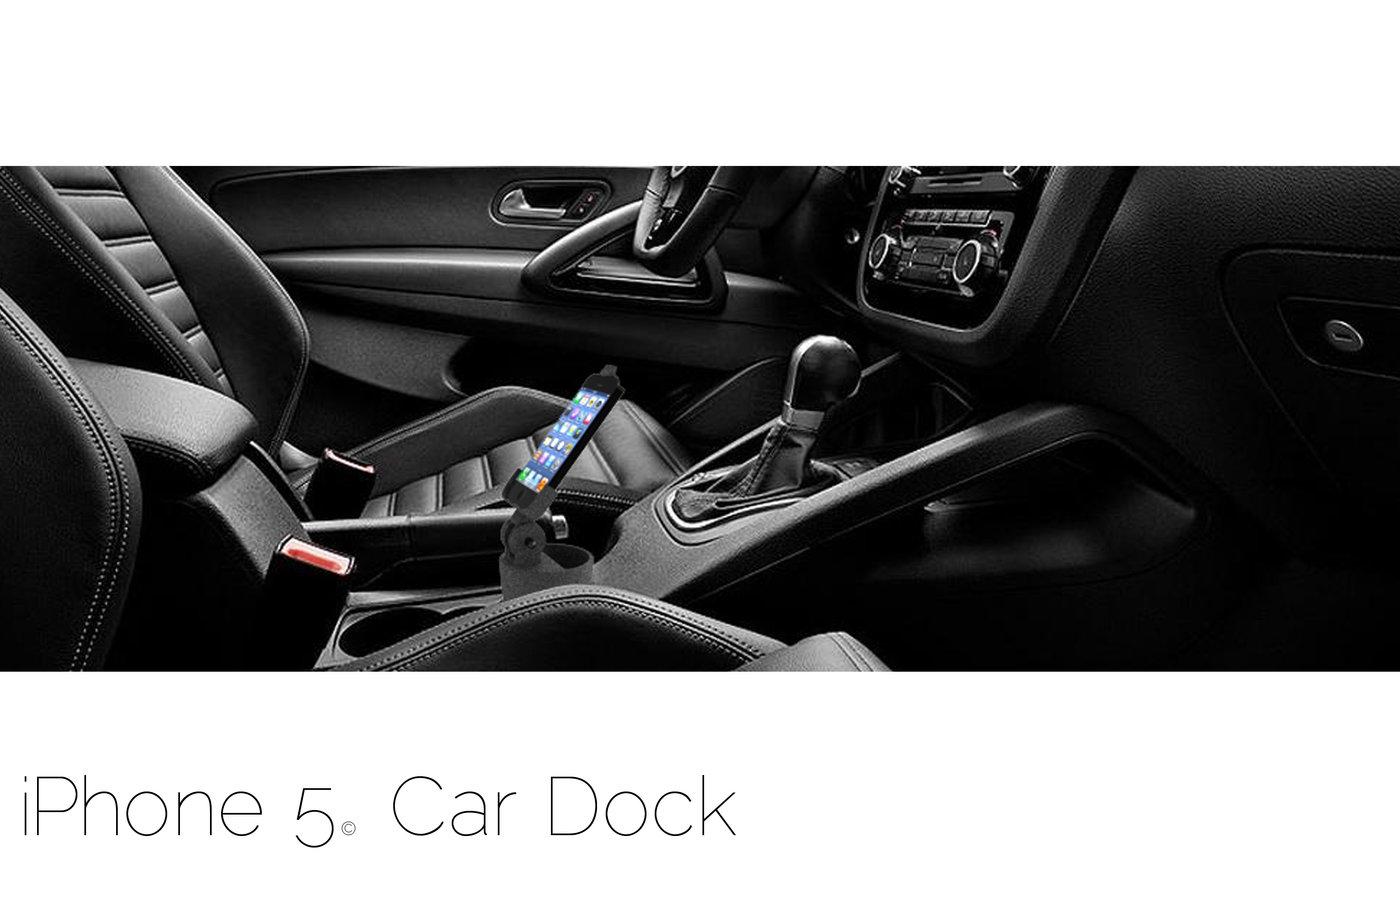 Iphone Car Dock: IPhone 5 Car Dock By Jonathan Fernandini At Coroflot.com